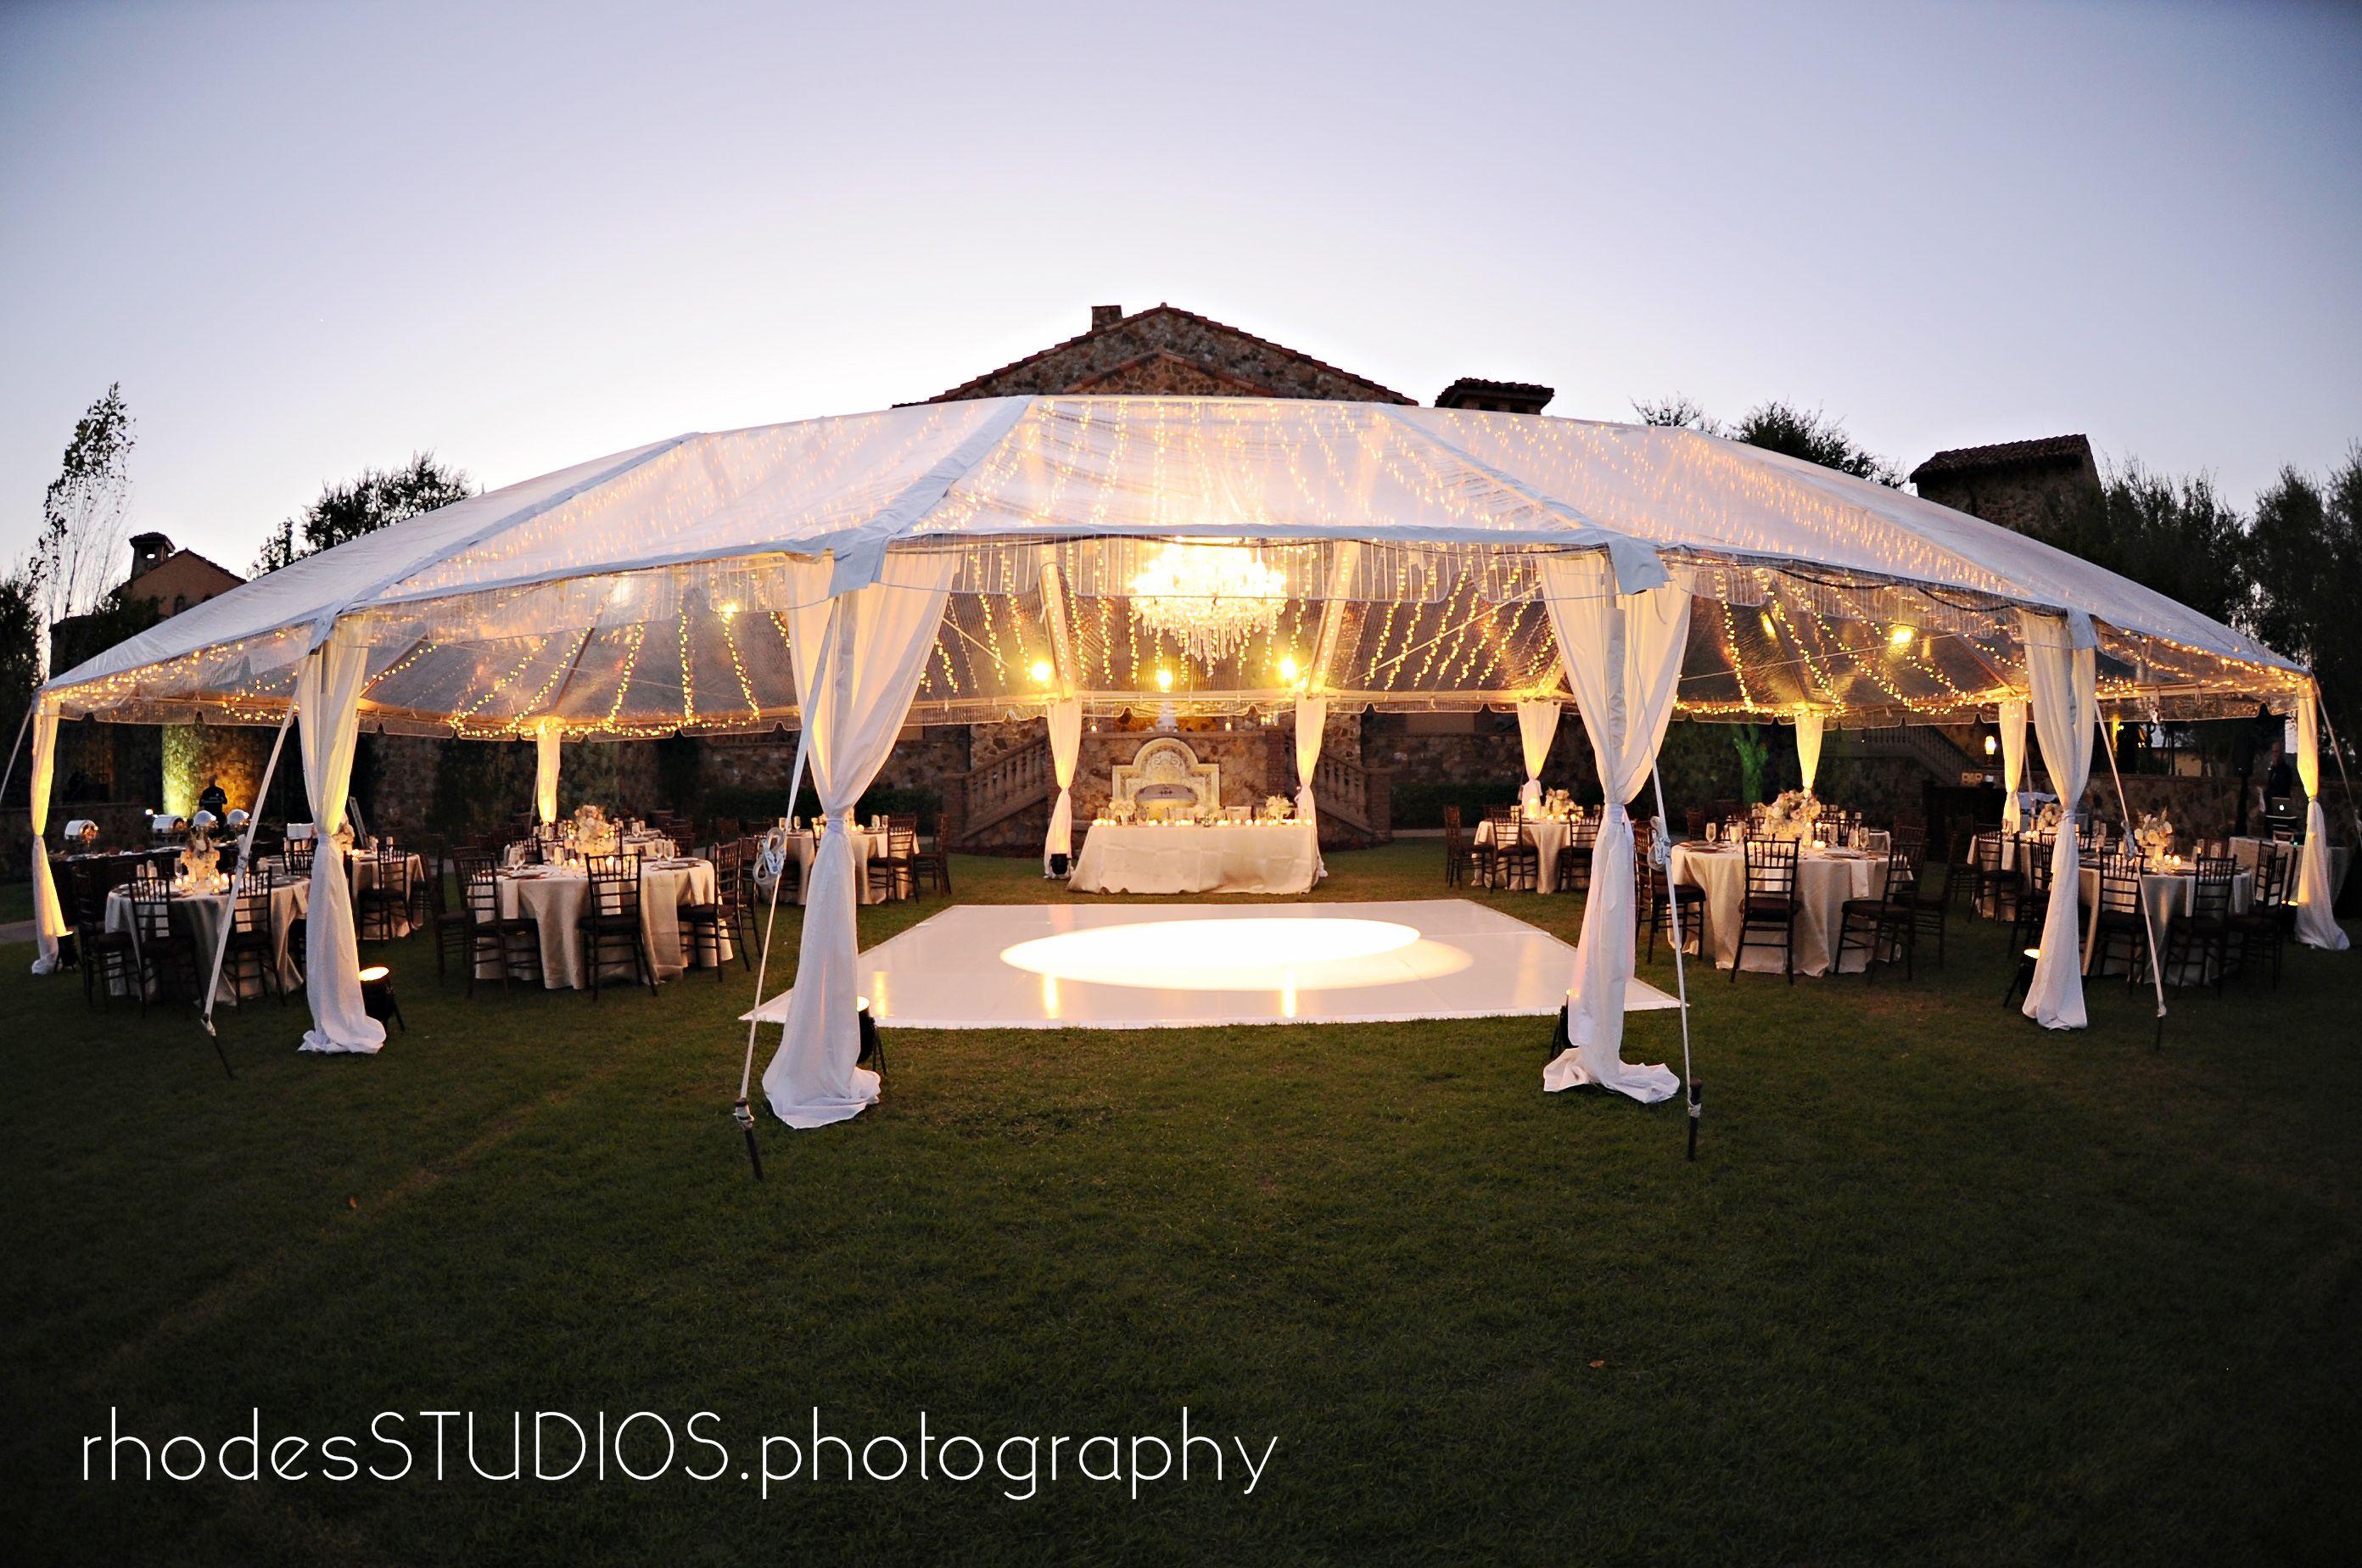 Orlando Wedding And Party Rentals.Orlando Wedding And Party Rentalsorlando Wedding And Party Rentals